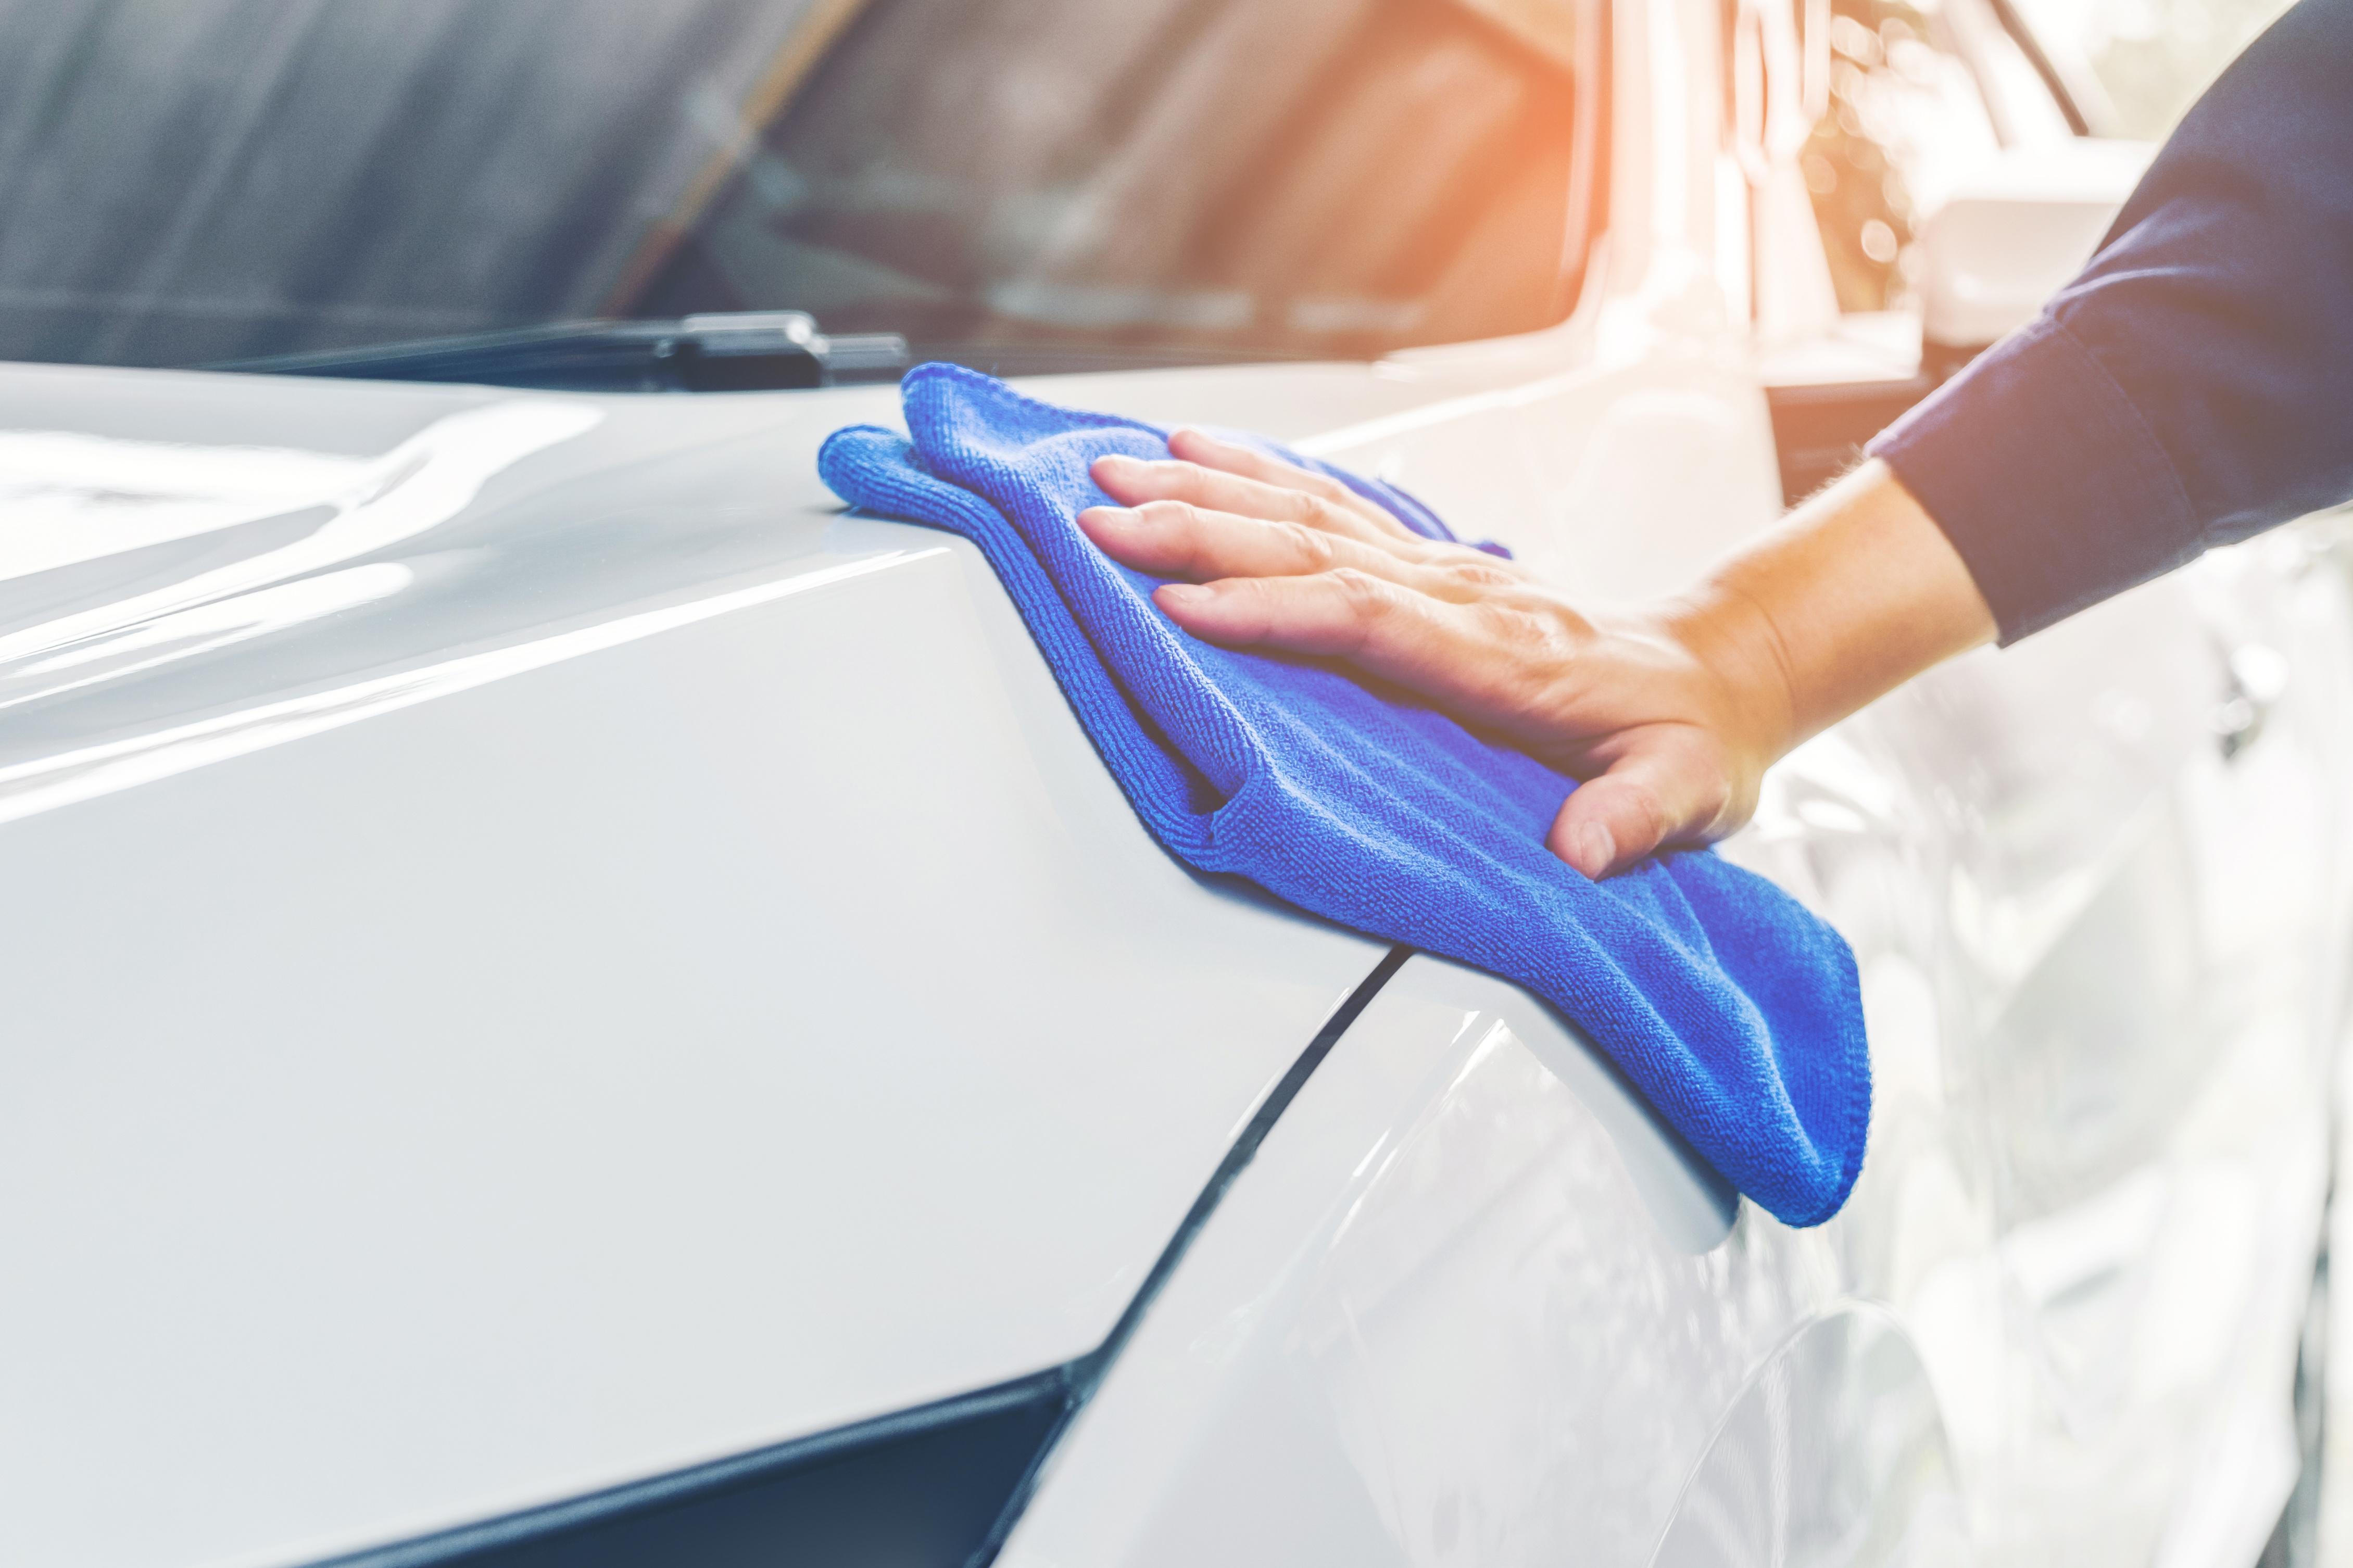 worker polishing car on a car wash